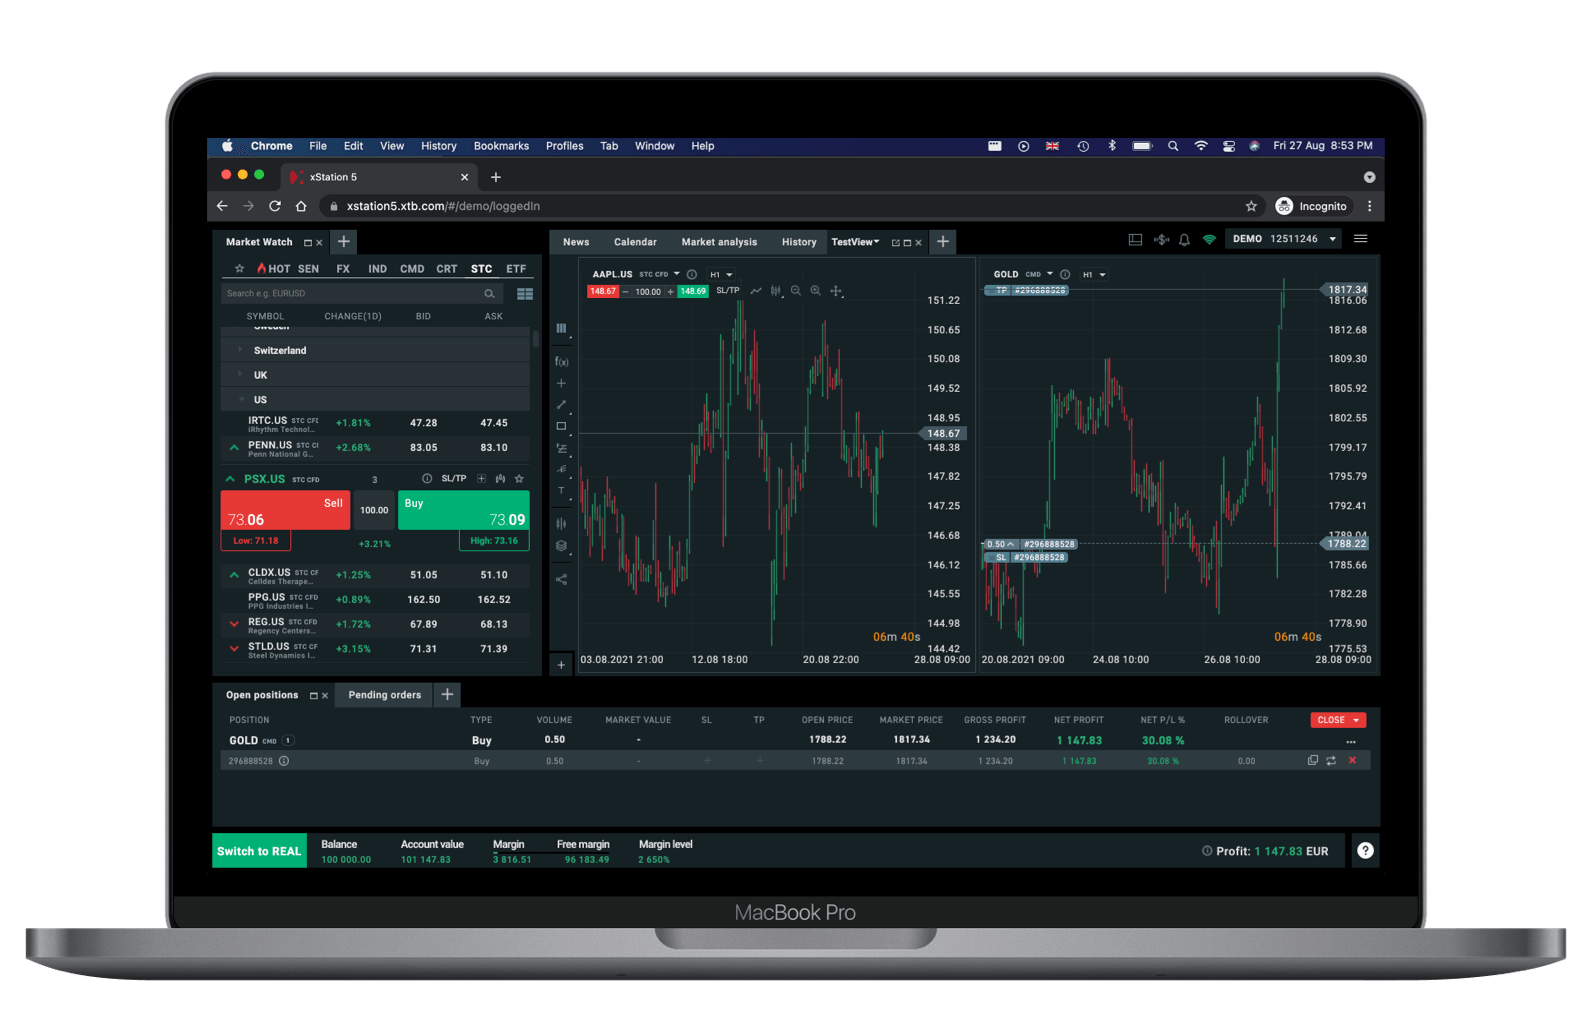 XTB Web Plattform Startseite